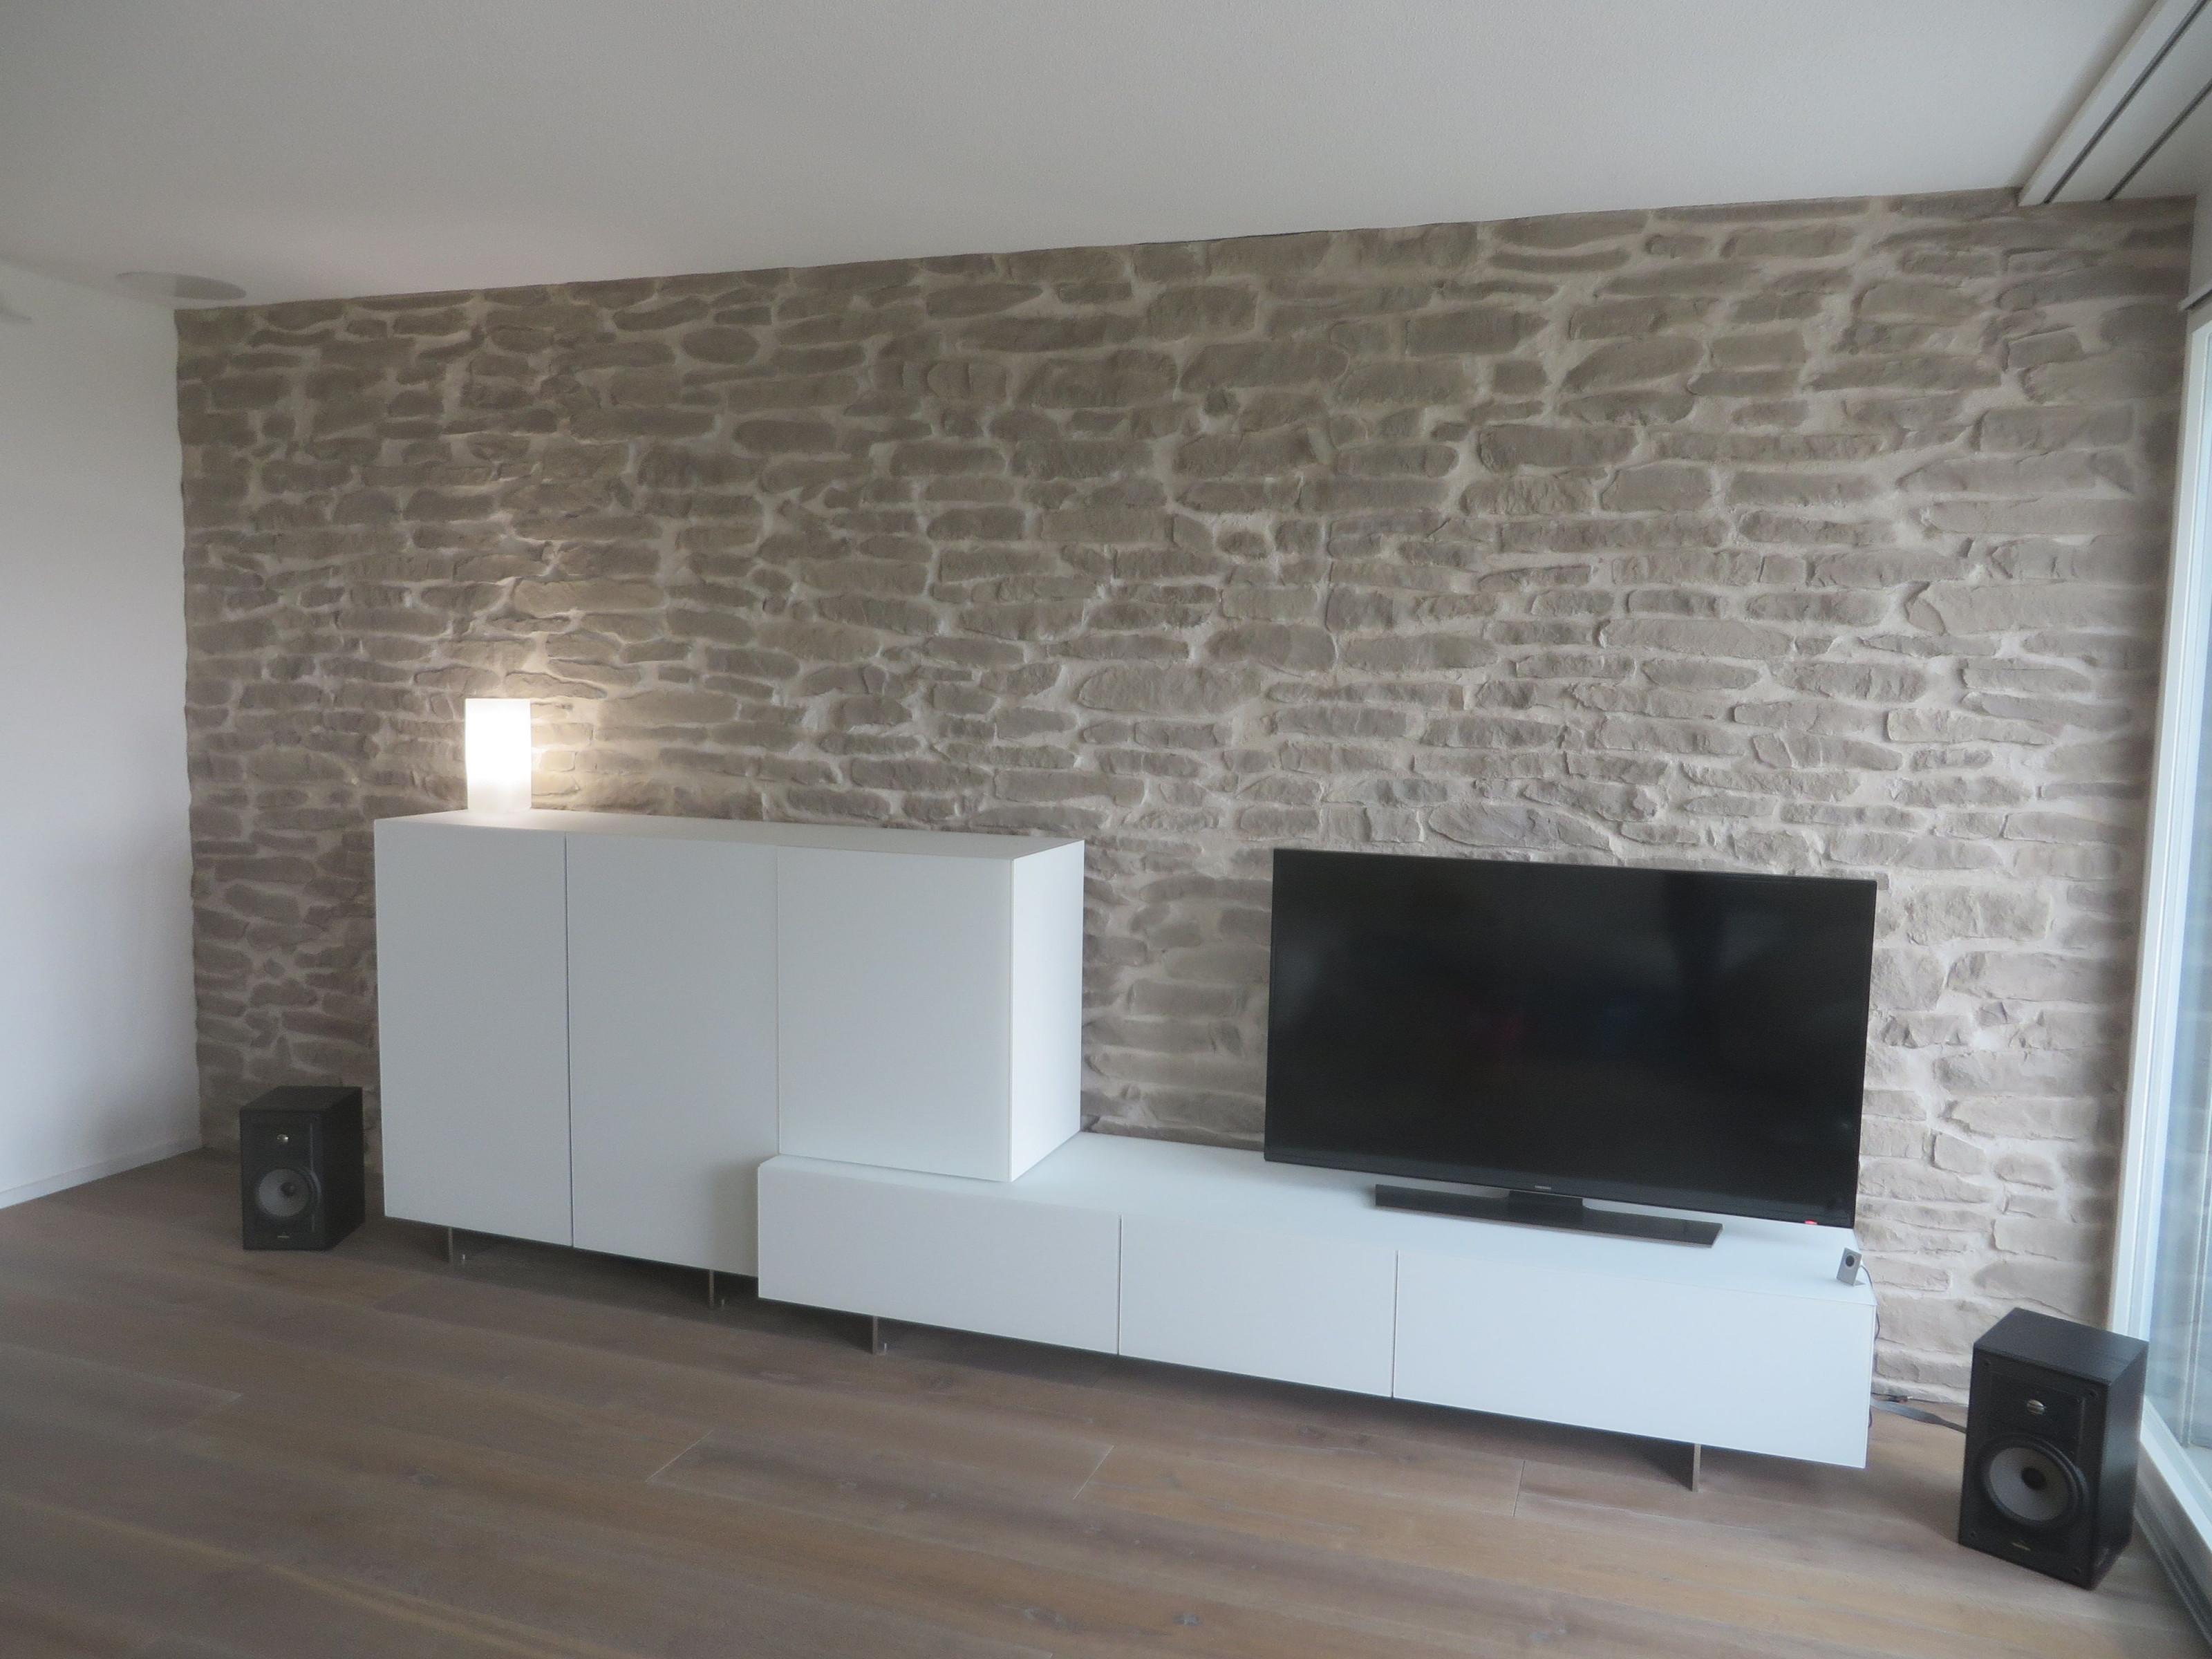 Wohnzimmerwand Steinoptik Lajas  Wandgestaltung Wohnzimmer von Ideen Für Wandgestaltung Wohnzimmer Bild